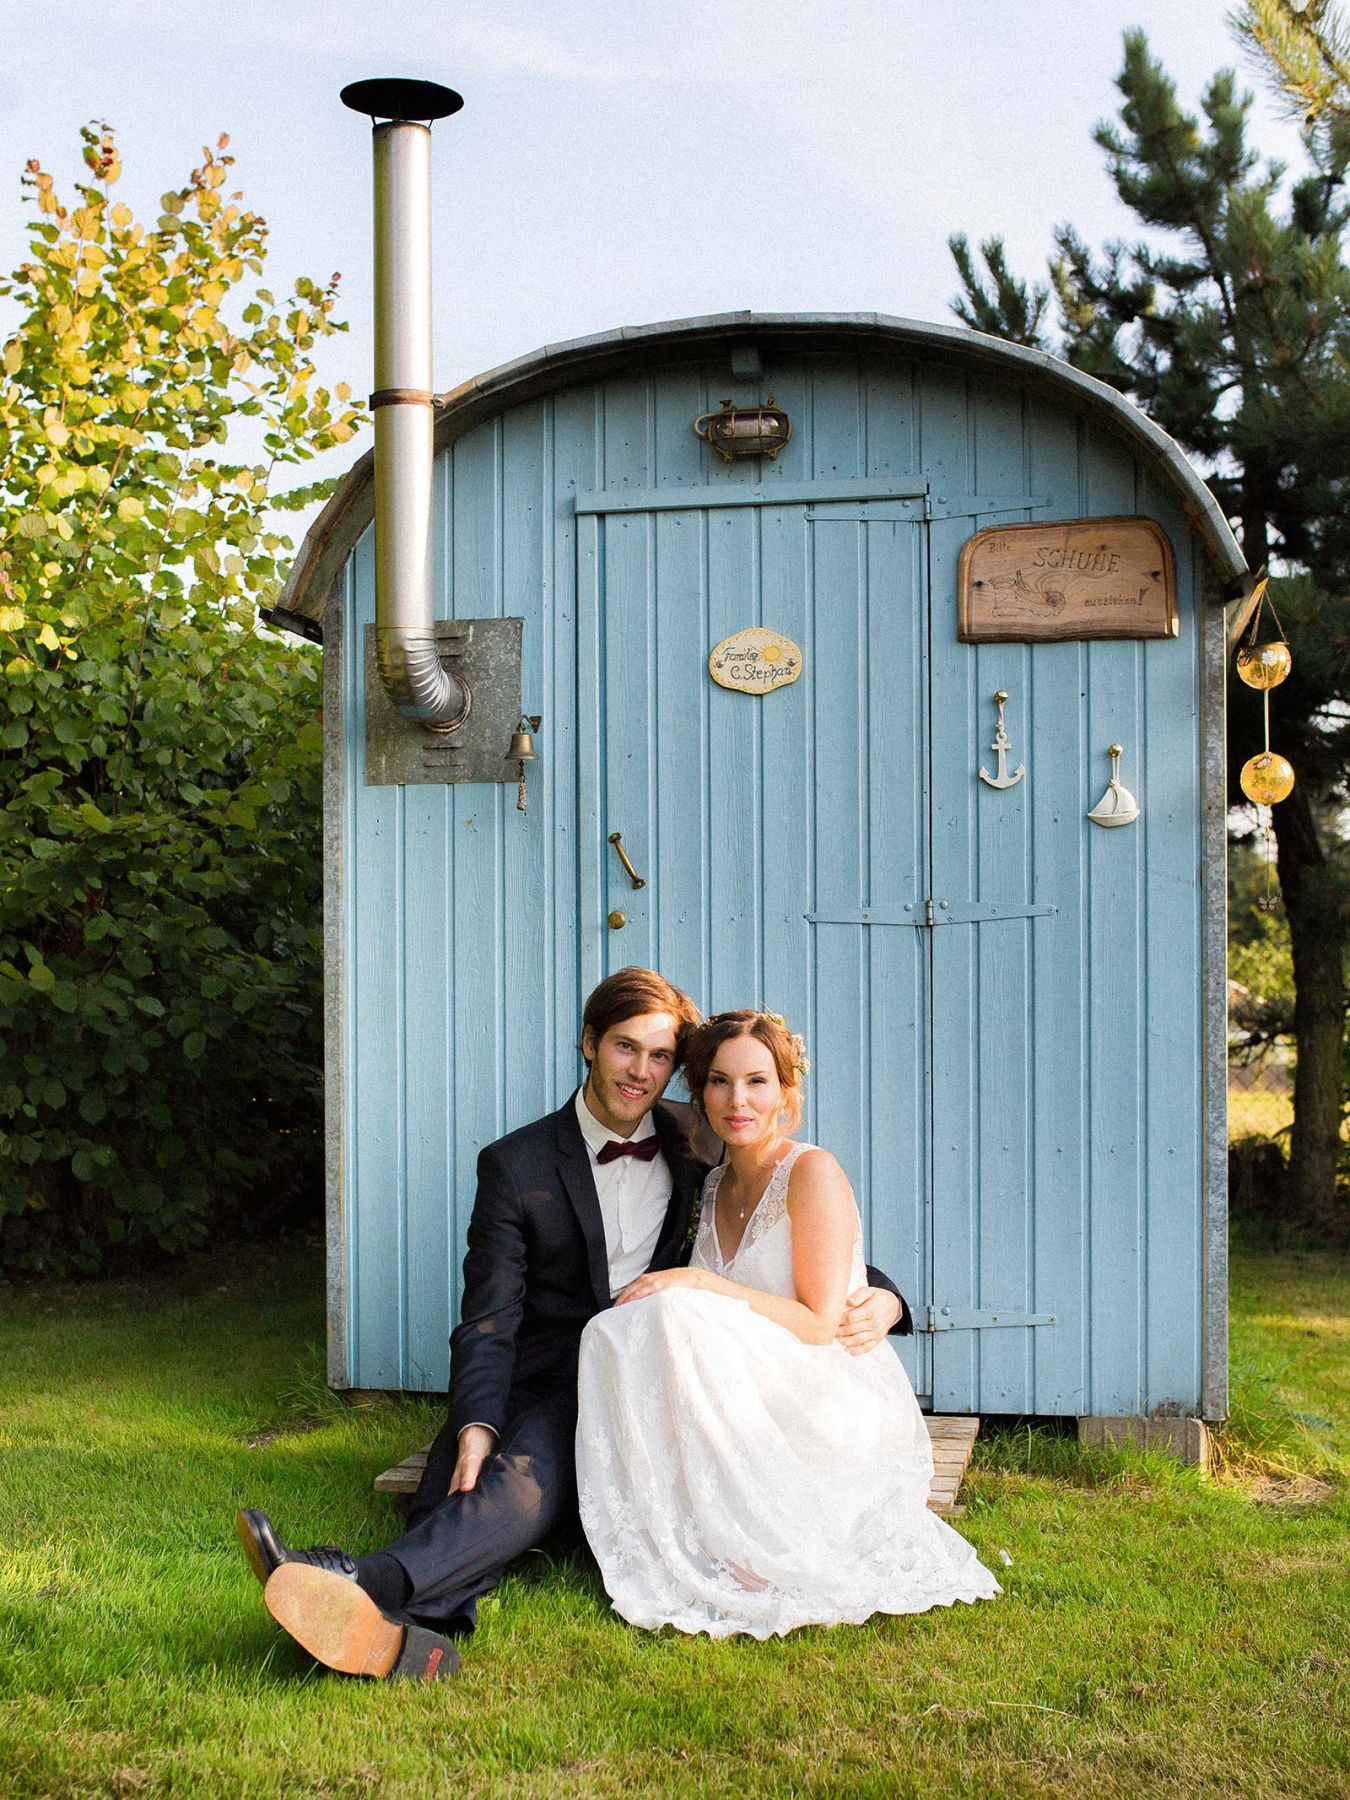 Hochzeitsfotograf-Potsdam-Causalux-Sarah_Anton